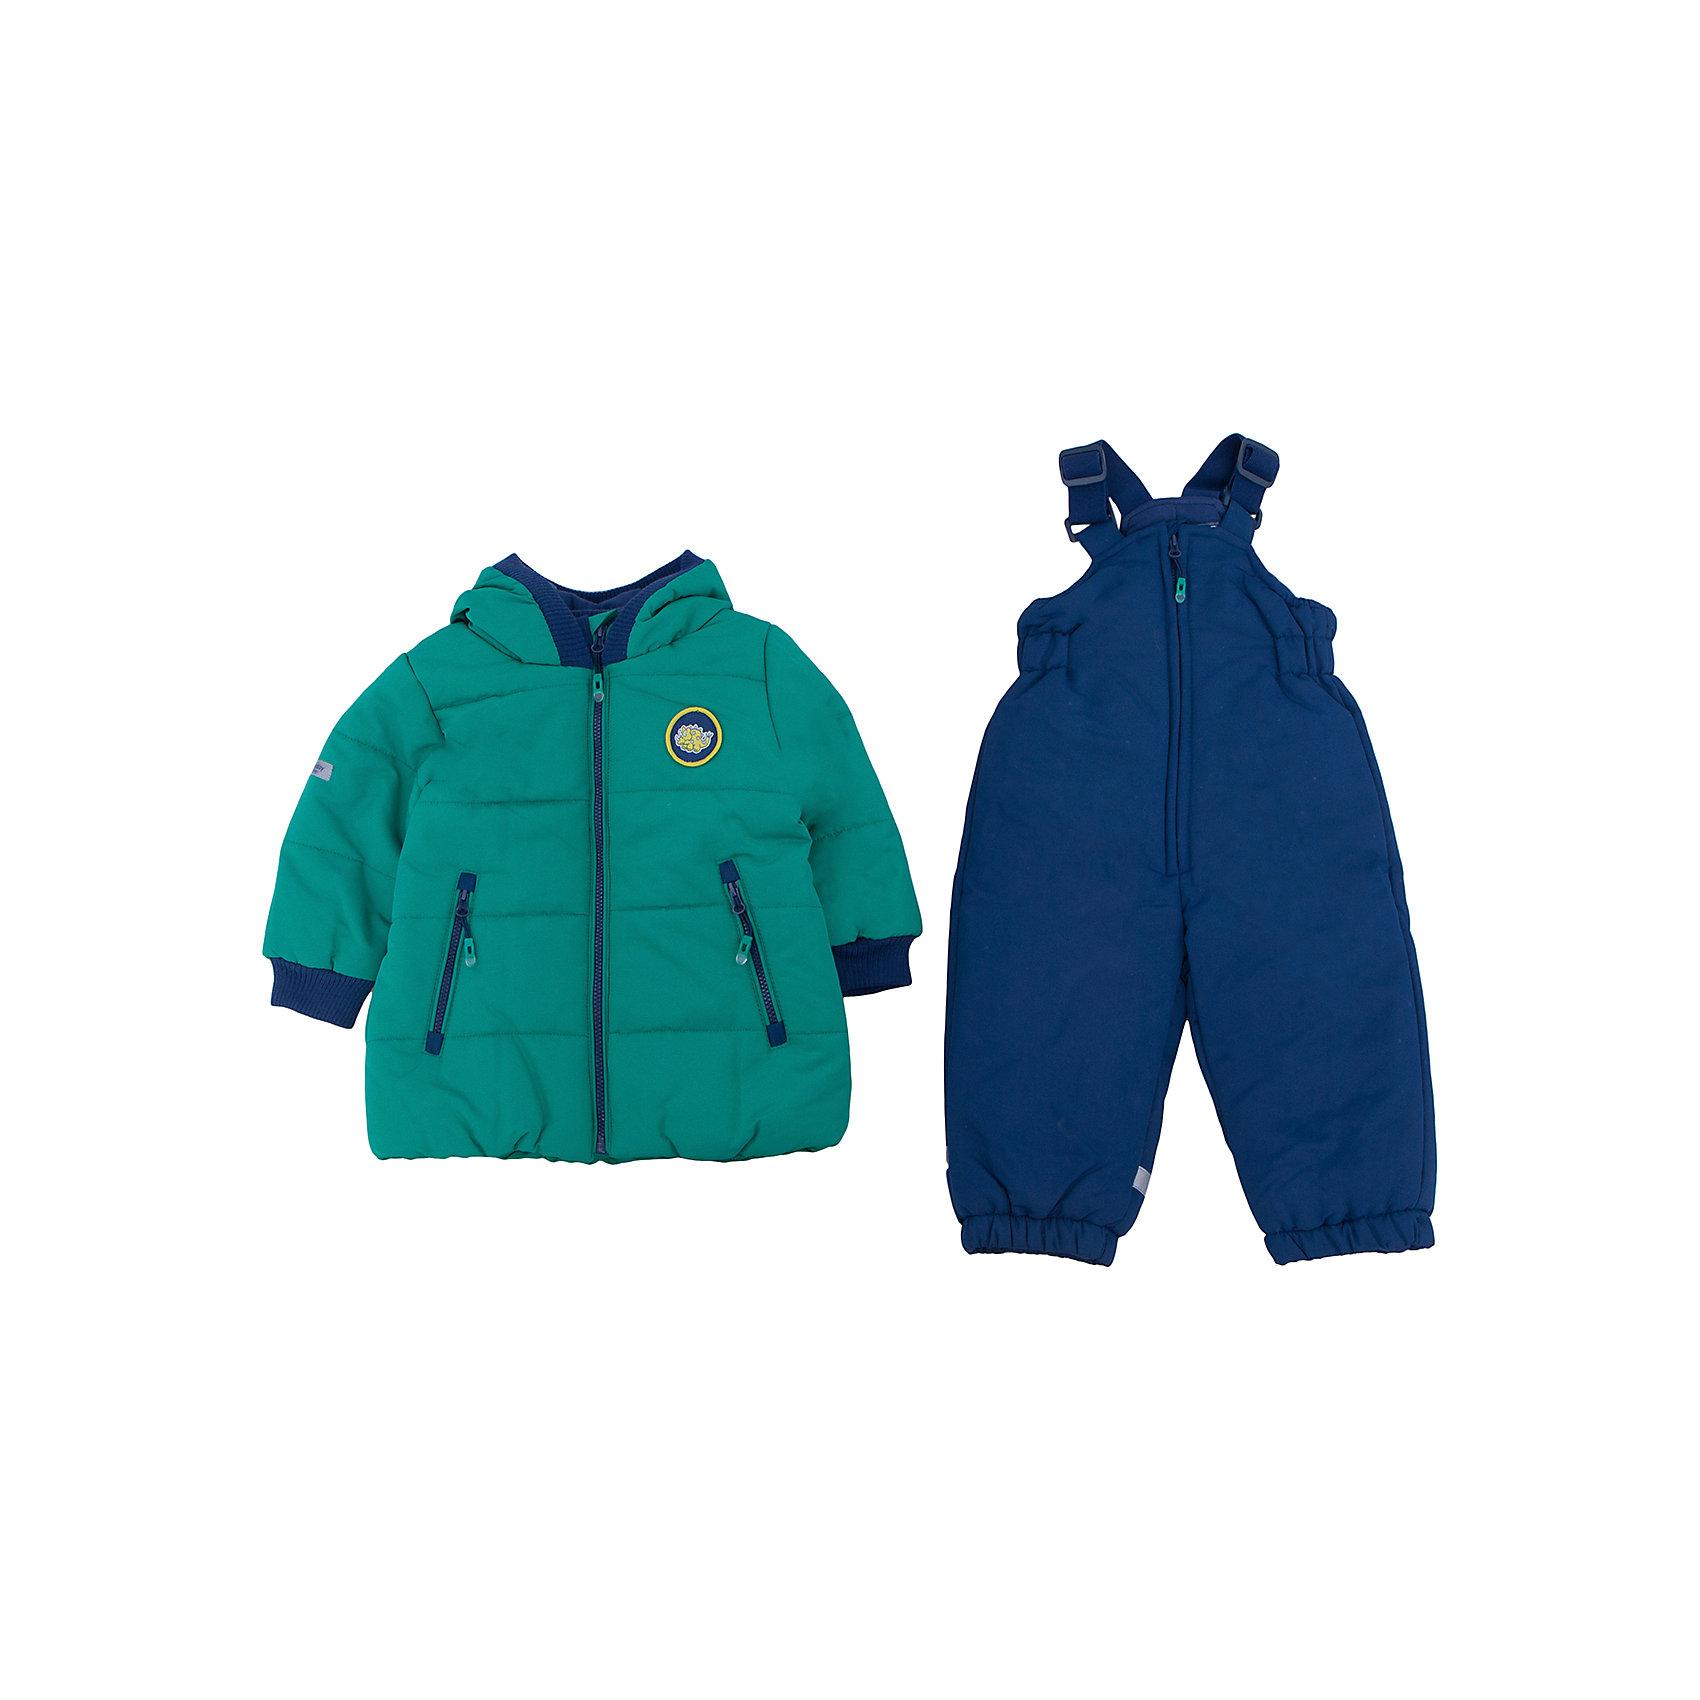 Комплект: куртка и полукомбинезон для мальчика PlayTodayКомплекты<br>Комплект: куртка и полукомбинезон для мальчика от известного бренда PlayToday.<br>Теплый комплект из стеганой куртки и полукомбинезона. <br>Куртка яркого изумрудно-зеленого цвета. Удобно застегивается на молнию. Внутри уютная хлопковая подкладка. Рукава и капюшон на мягкой трикотажной резинке для защиты от ветра. Есть два функциональных кармана на молнии и светоотражатели. Украшена шевроном с динозавриком.<br>Полукомбинезон застегивается на молнию. Бретели регулируются по длине, низ штанишек утягивается на резинке. Внутри мягкая хлопковая подкладка. Специальная отстегивающаяся рези<br>Состав:<br>Верх: 100% полиэстер, подкладка: 60% хлопок, 40% полиэстер, наполнитель: 100% полиэстер, 250 г/м2<br><br>Ширина мм: 157<br>Глубина мм: 13<br>Высота мм: 119<br>Вес г: 200<br>Цвет: белый<br>Возраст от месяцев: 6<br>Возраст до месяцев: 9<br>Пол: Мужской<br>Возраст: Детский<br>Размер: 74,92,80,86<br>SKU: 4900349